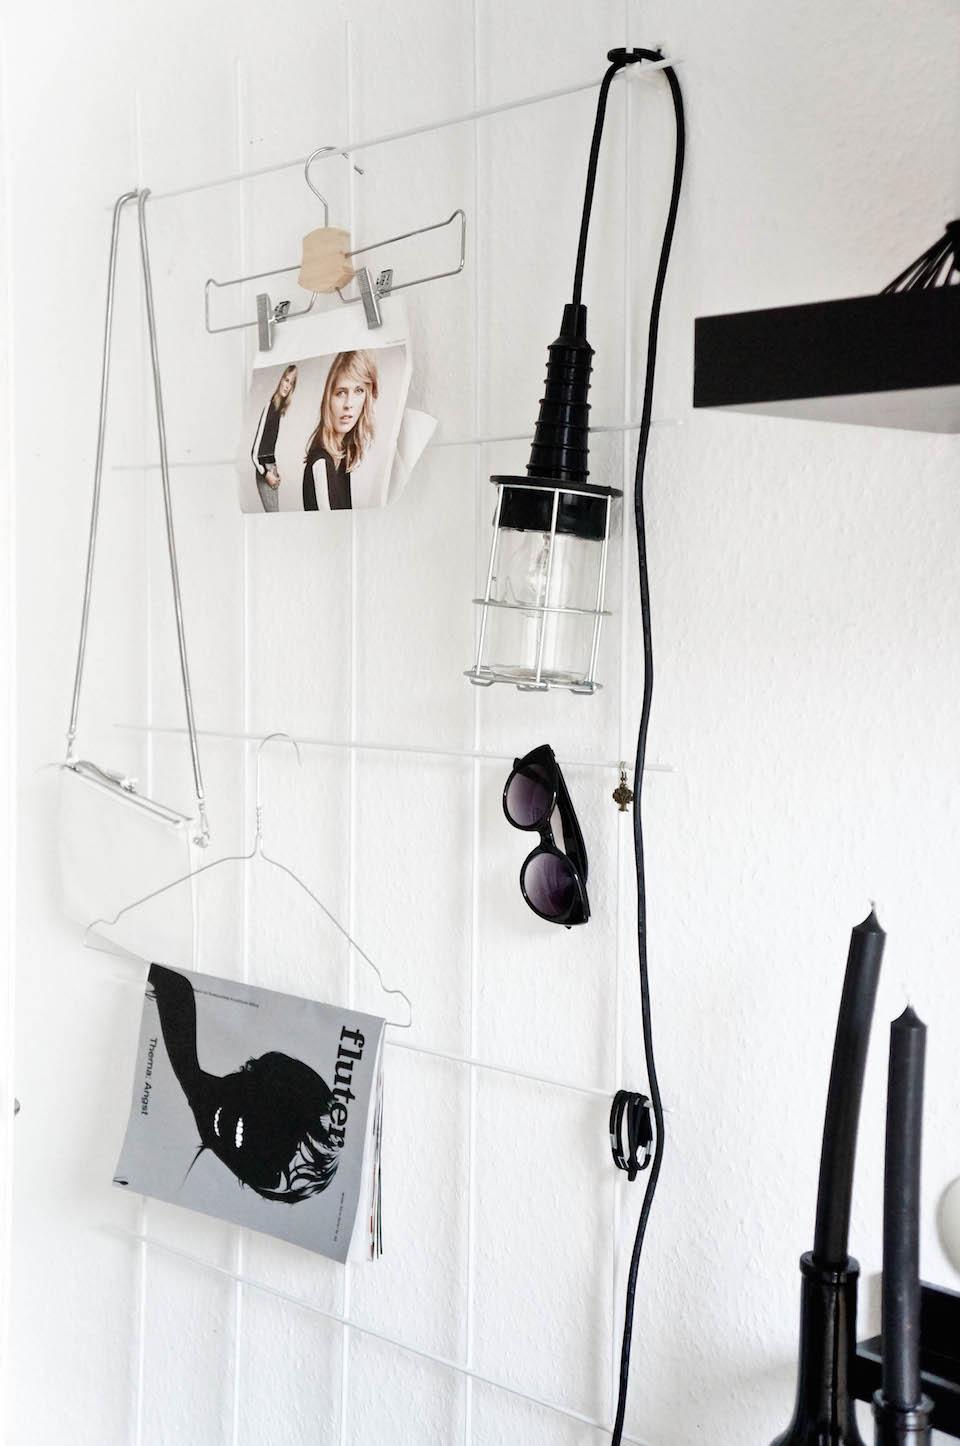 Doppelwaschbecken mit unterschrank ikea  Unterschrank Doppelwaschbecken Ikea - Cuisinebois